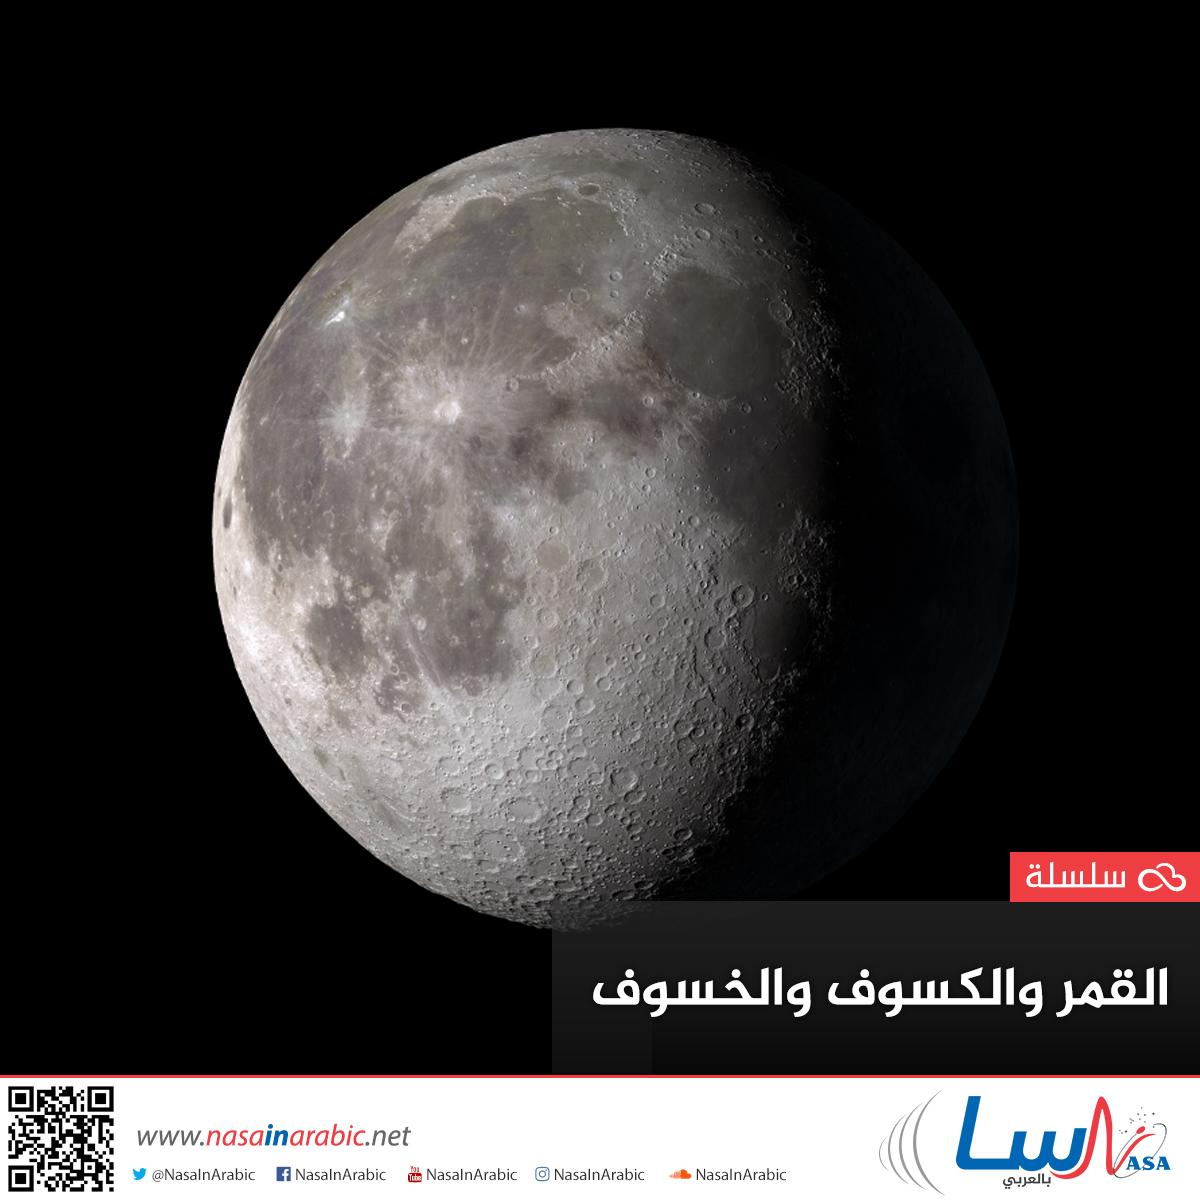 سلسلة طبيعة الكون الجزء الثامن: القمر والخسوف والكسوف